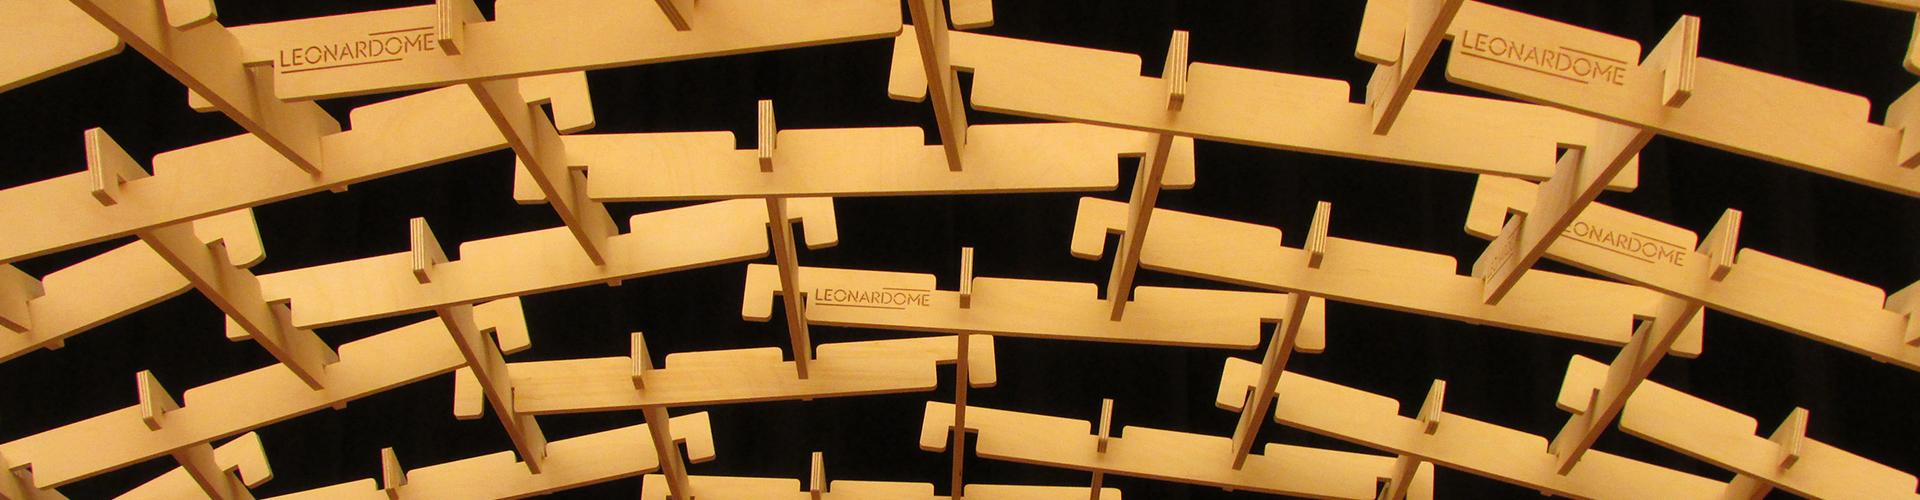 """""""Taller Mini Innova: Construye cúpulas de Leonardo"""""""